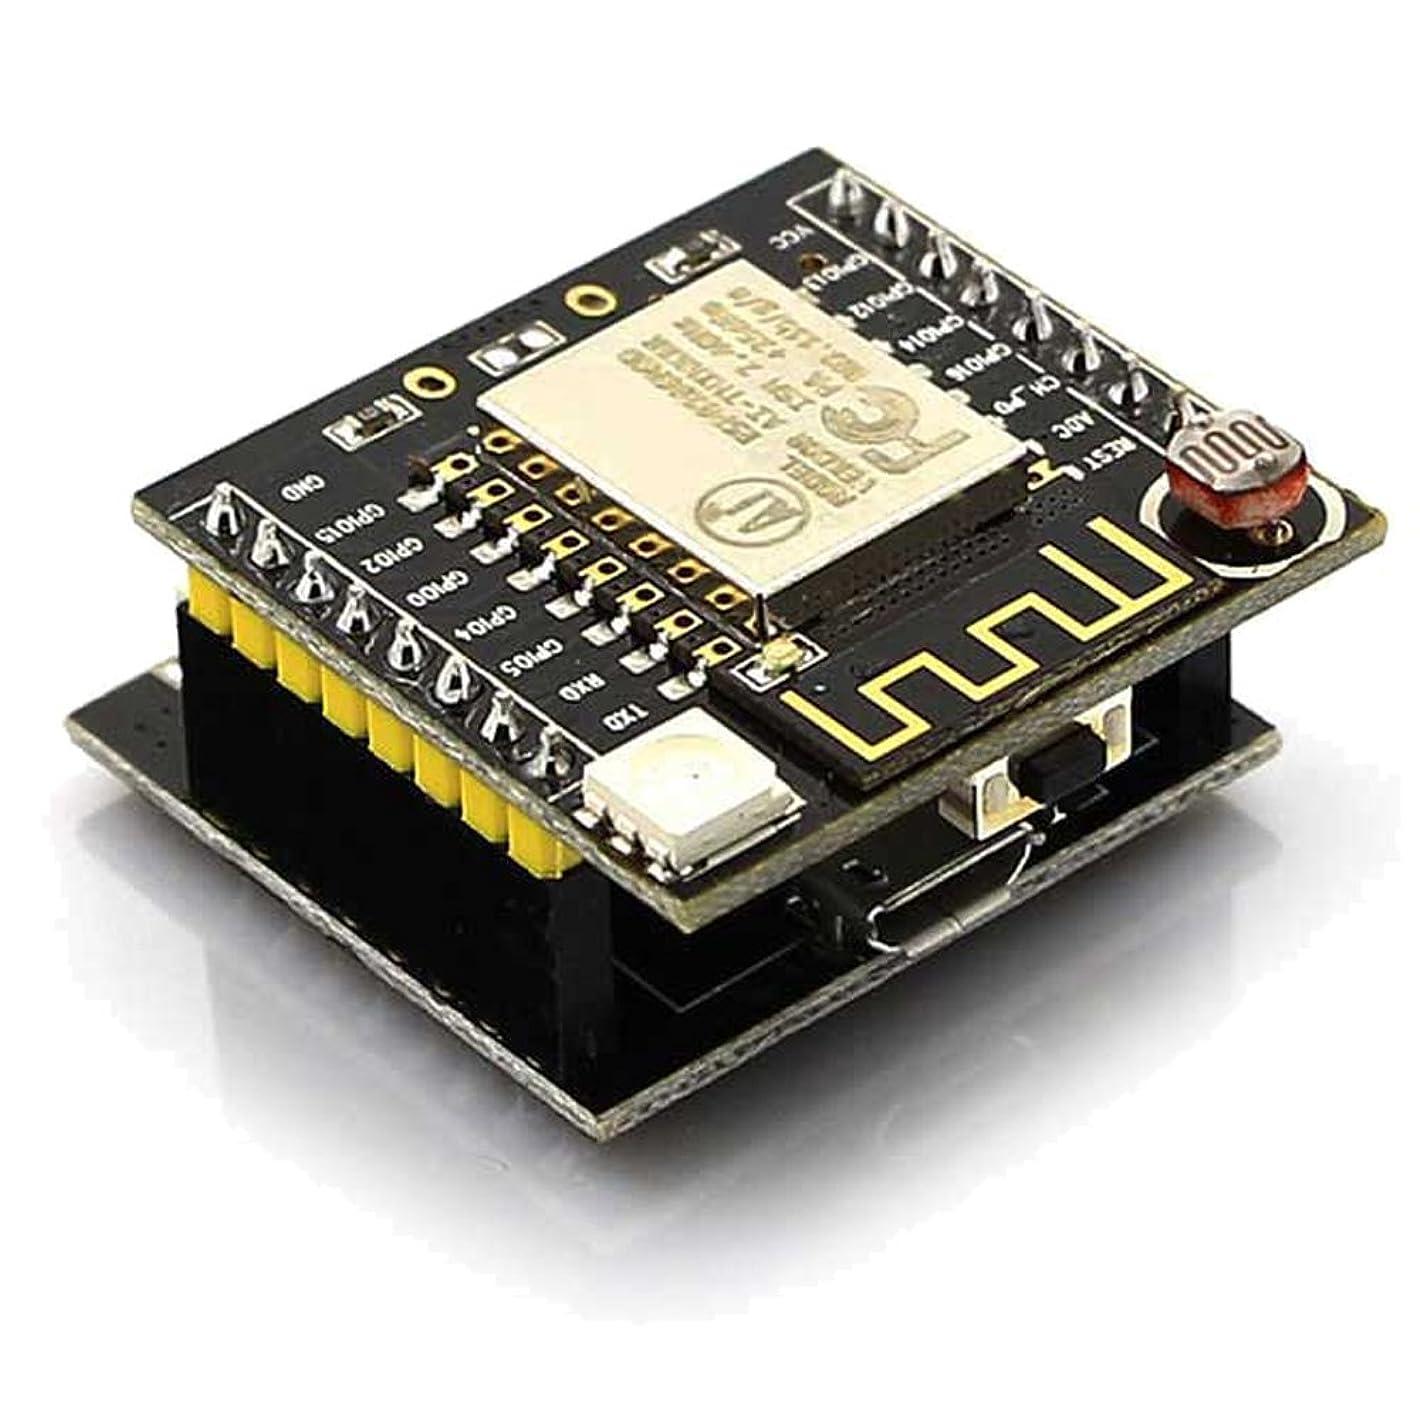 DIY ESP8266シリアルESP-12F Wi-Fi Wittyクラウド開発ボード-ブラック